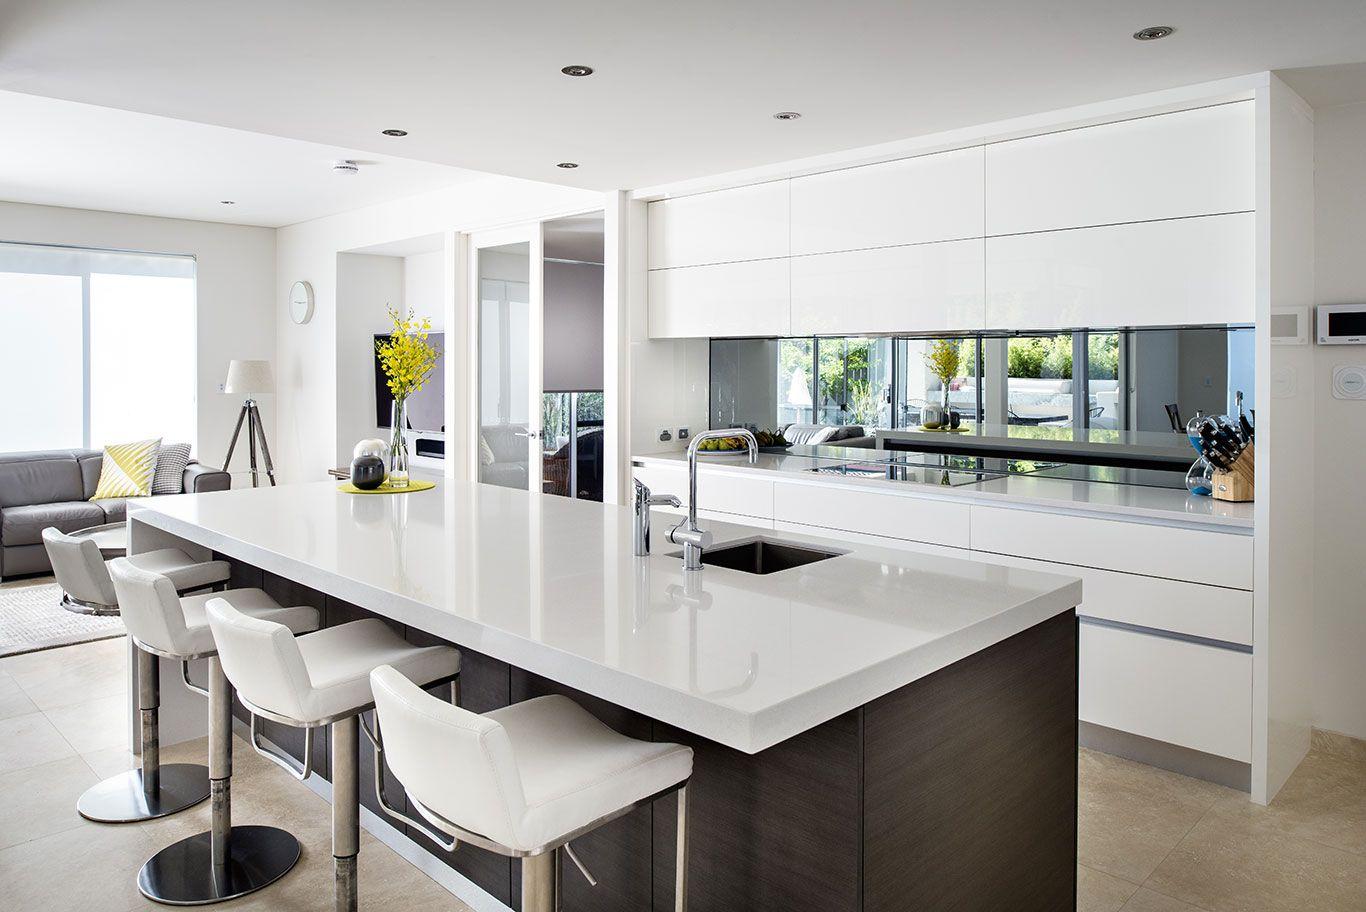 Perth Contemporary Kitchen Designers Cabinet Makers Interior Design Kitchen Kitchen Design Ideas Dark Cabinets Modern Kitchen Design